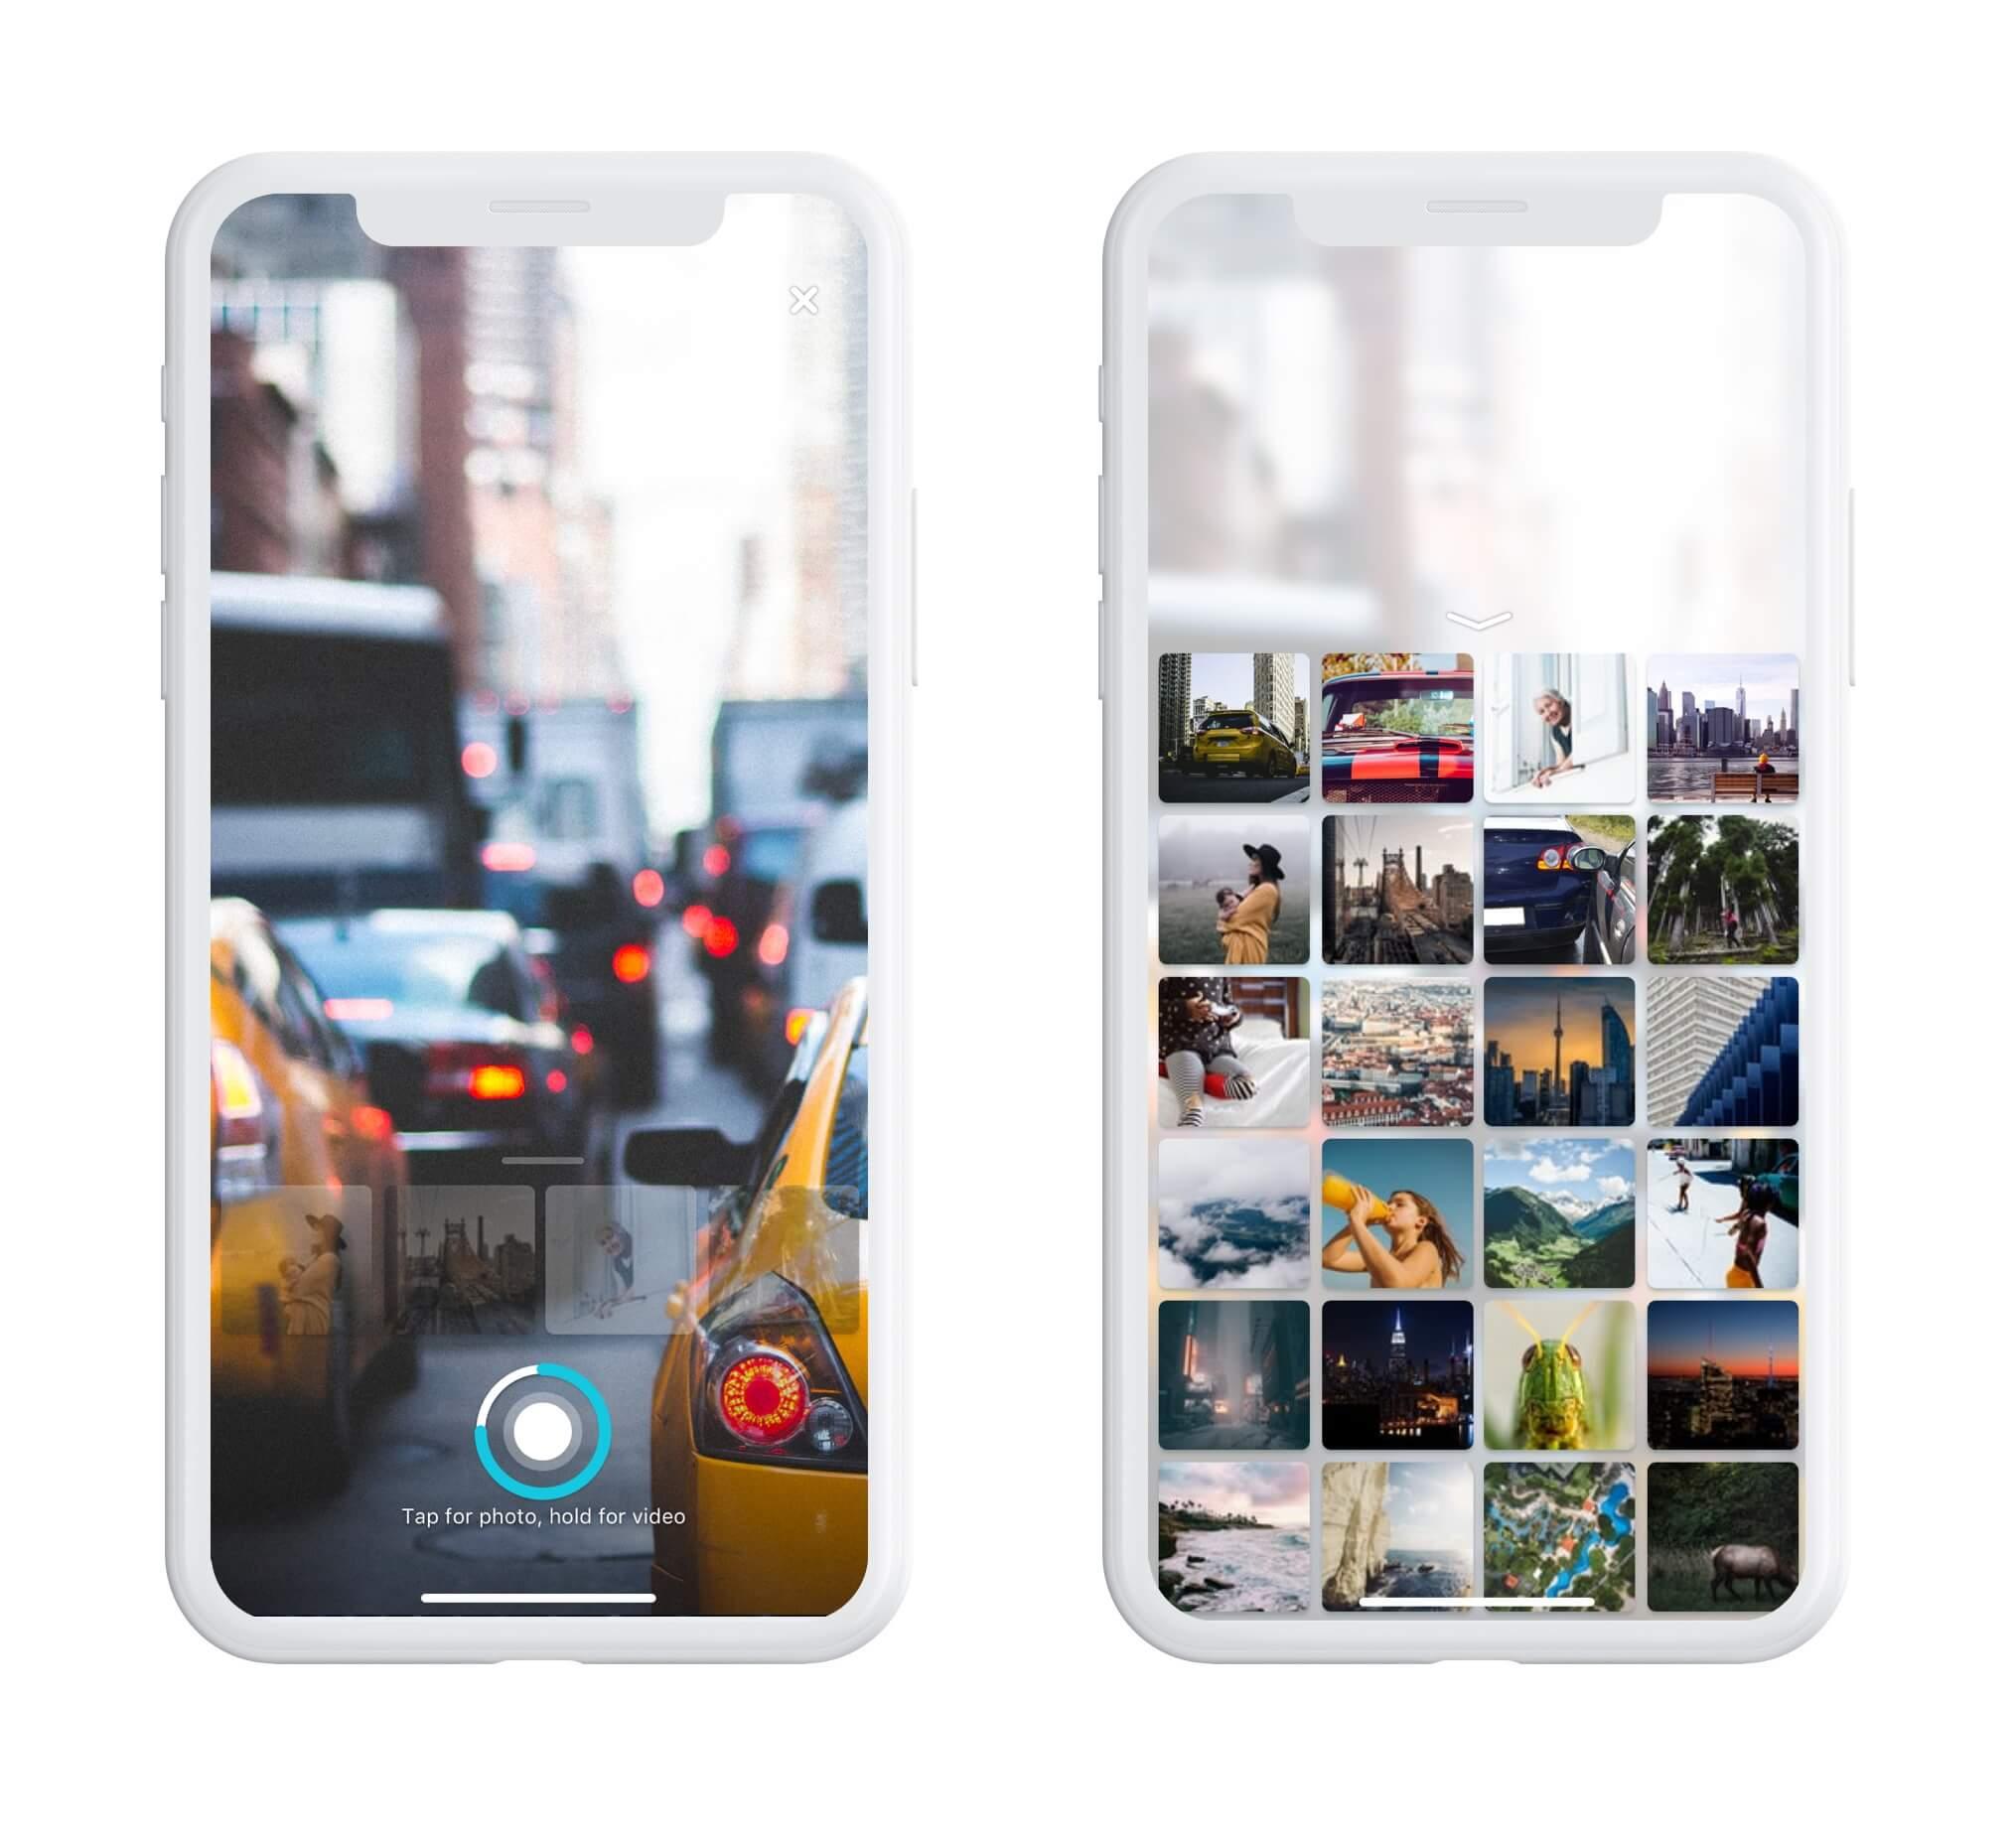 UI design pazi mobile app